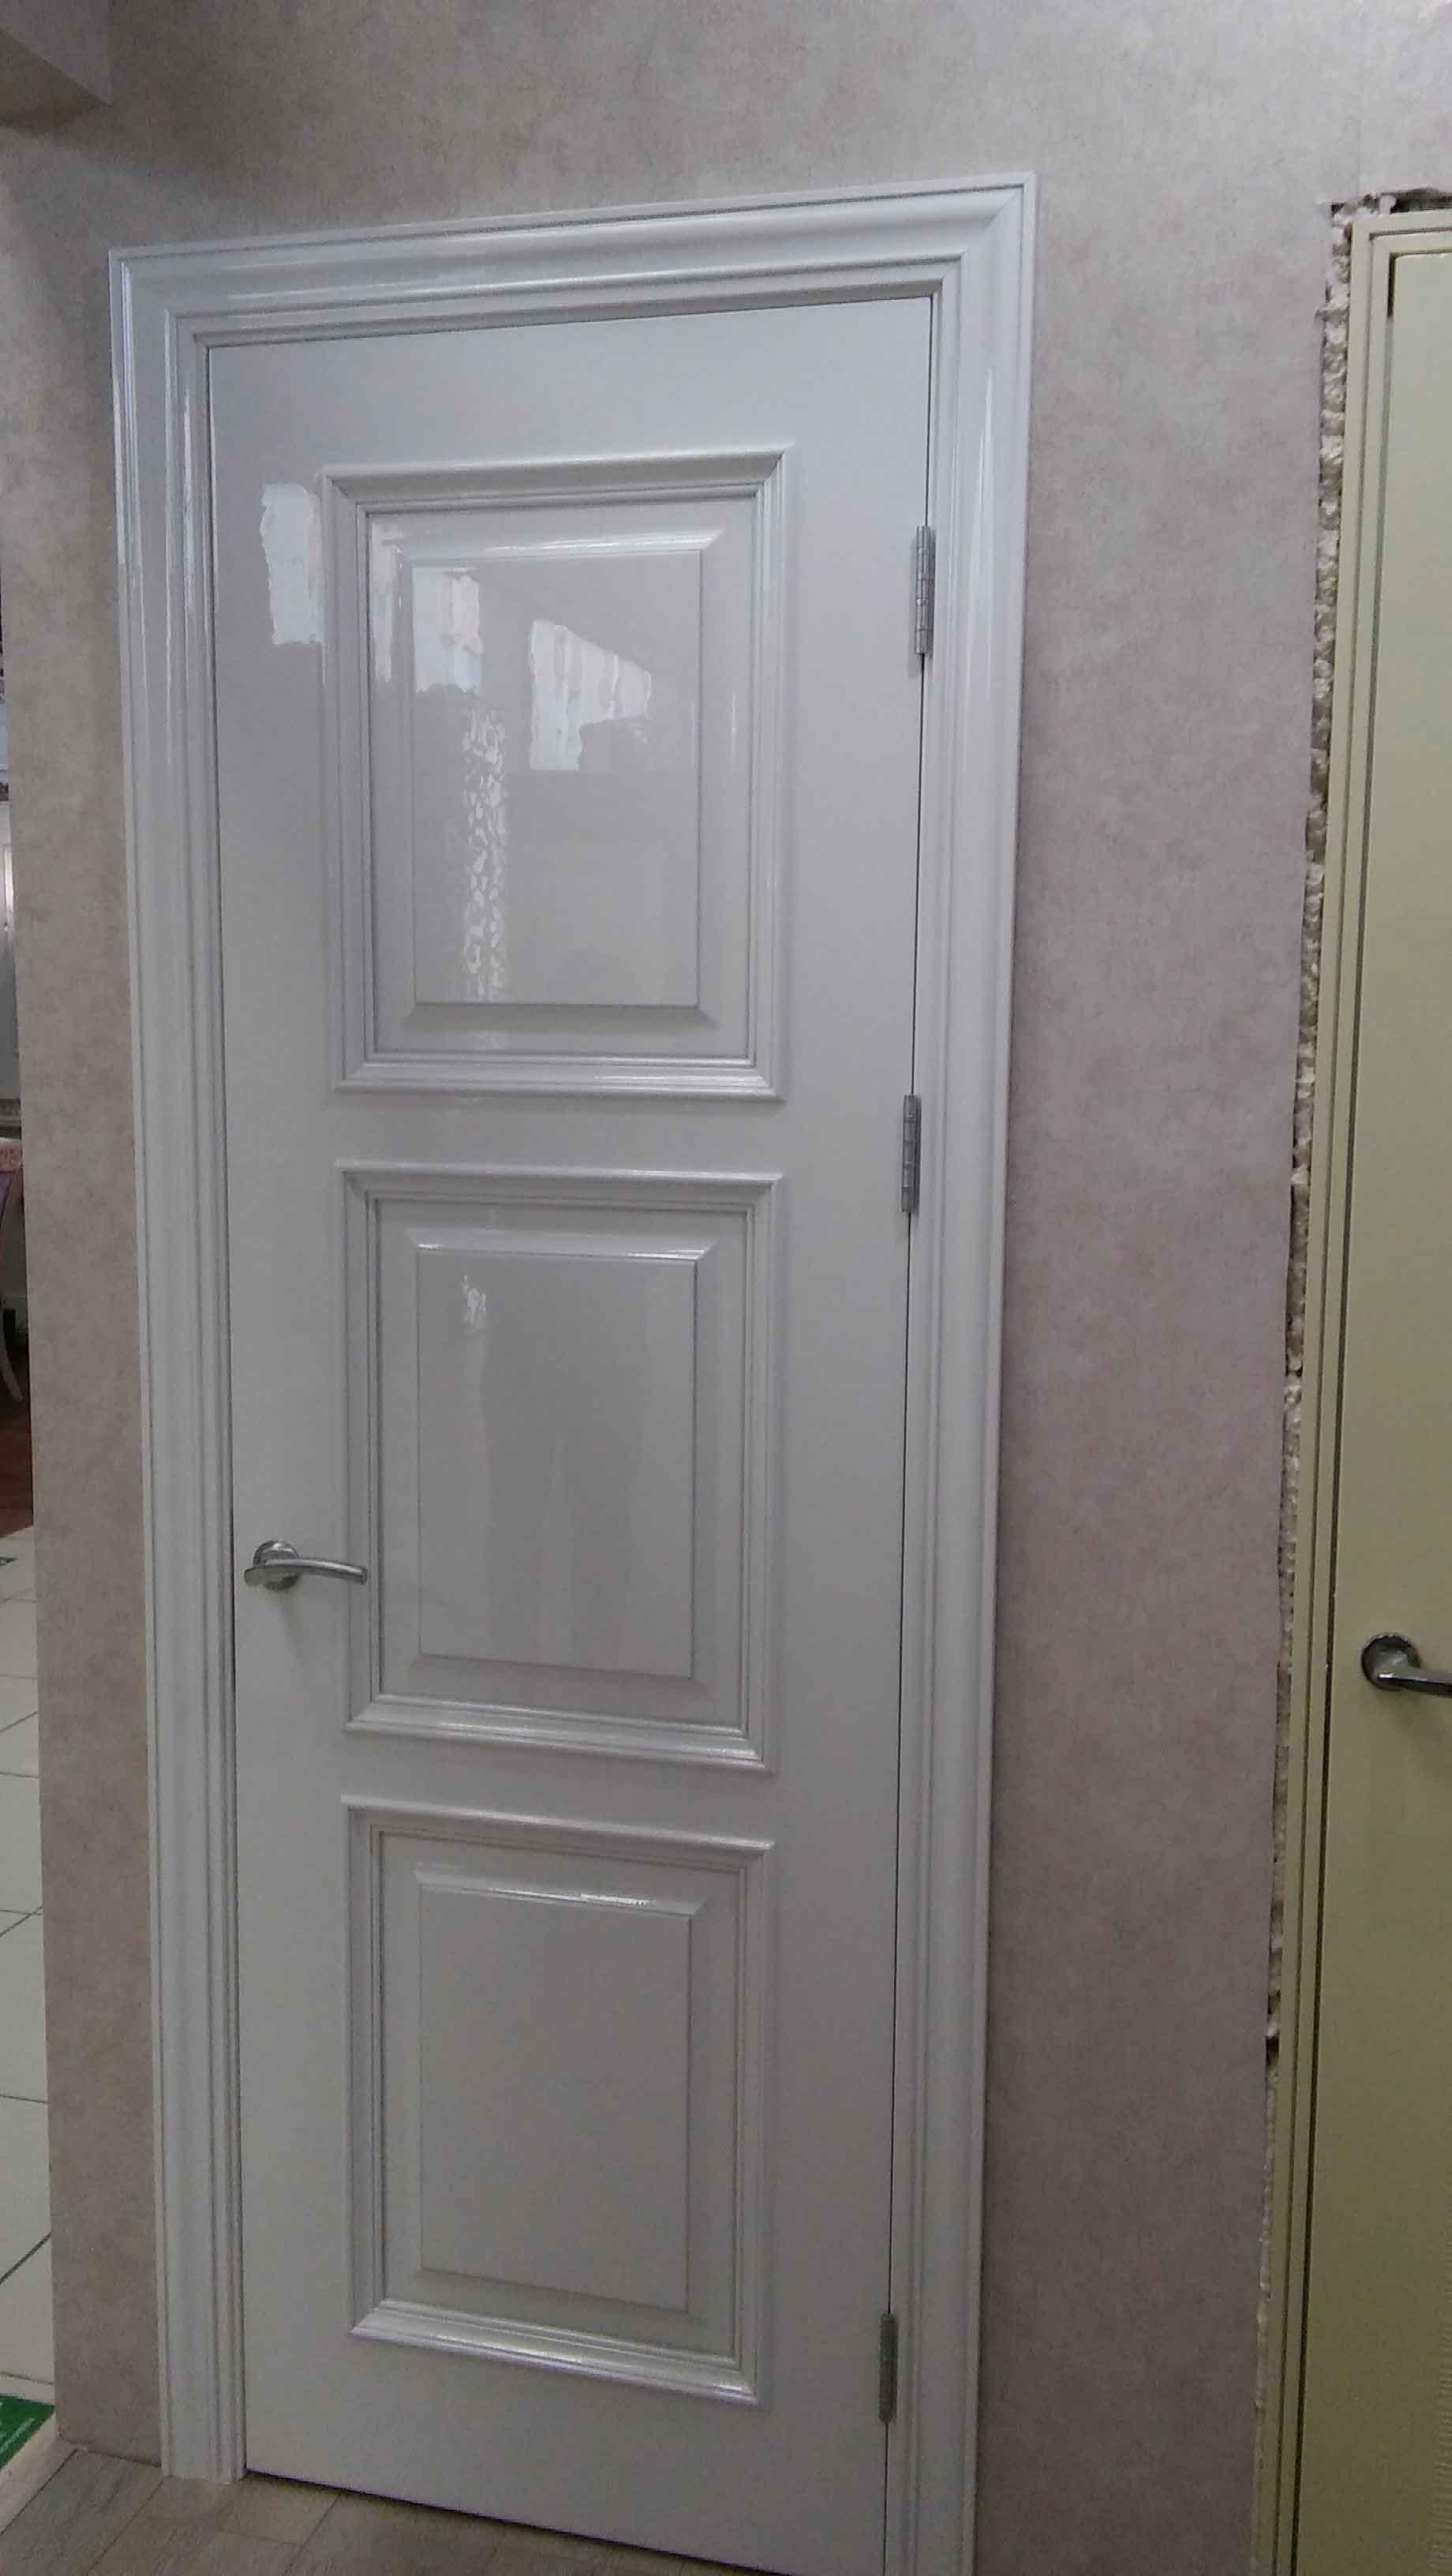 межкомнатная дверь в глянце фотография